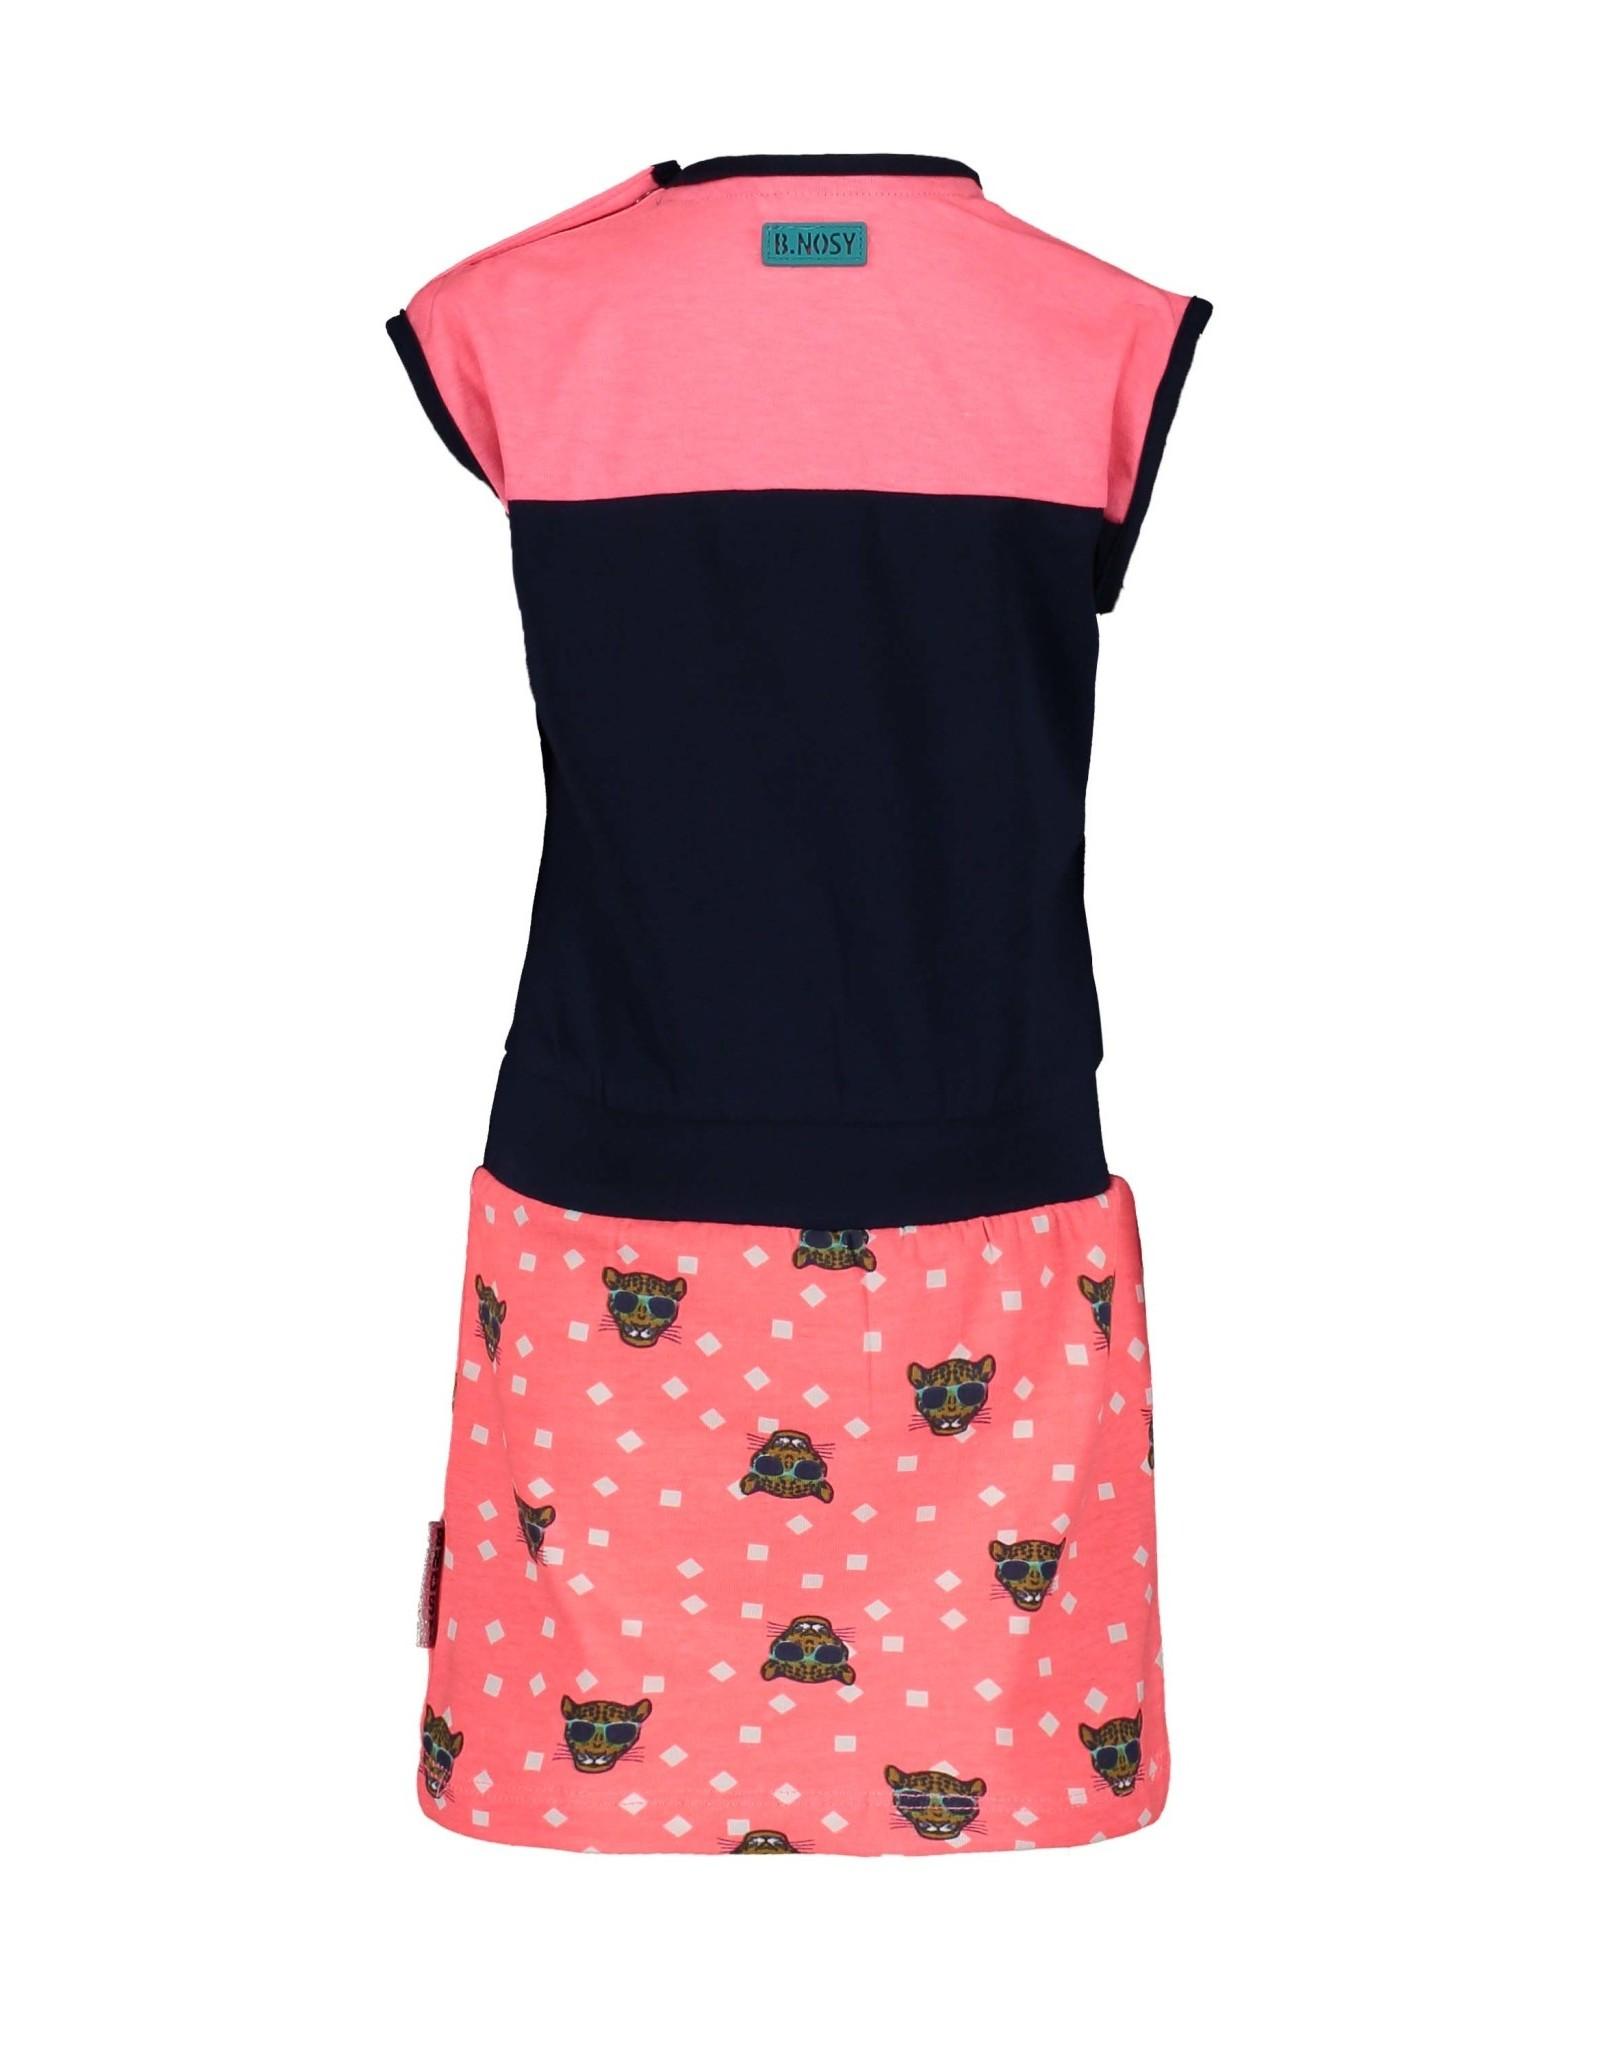 B.Nosy B.Nosy baby meisjes jurk met tijgertjes op het rokje